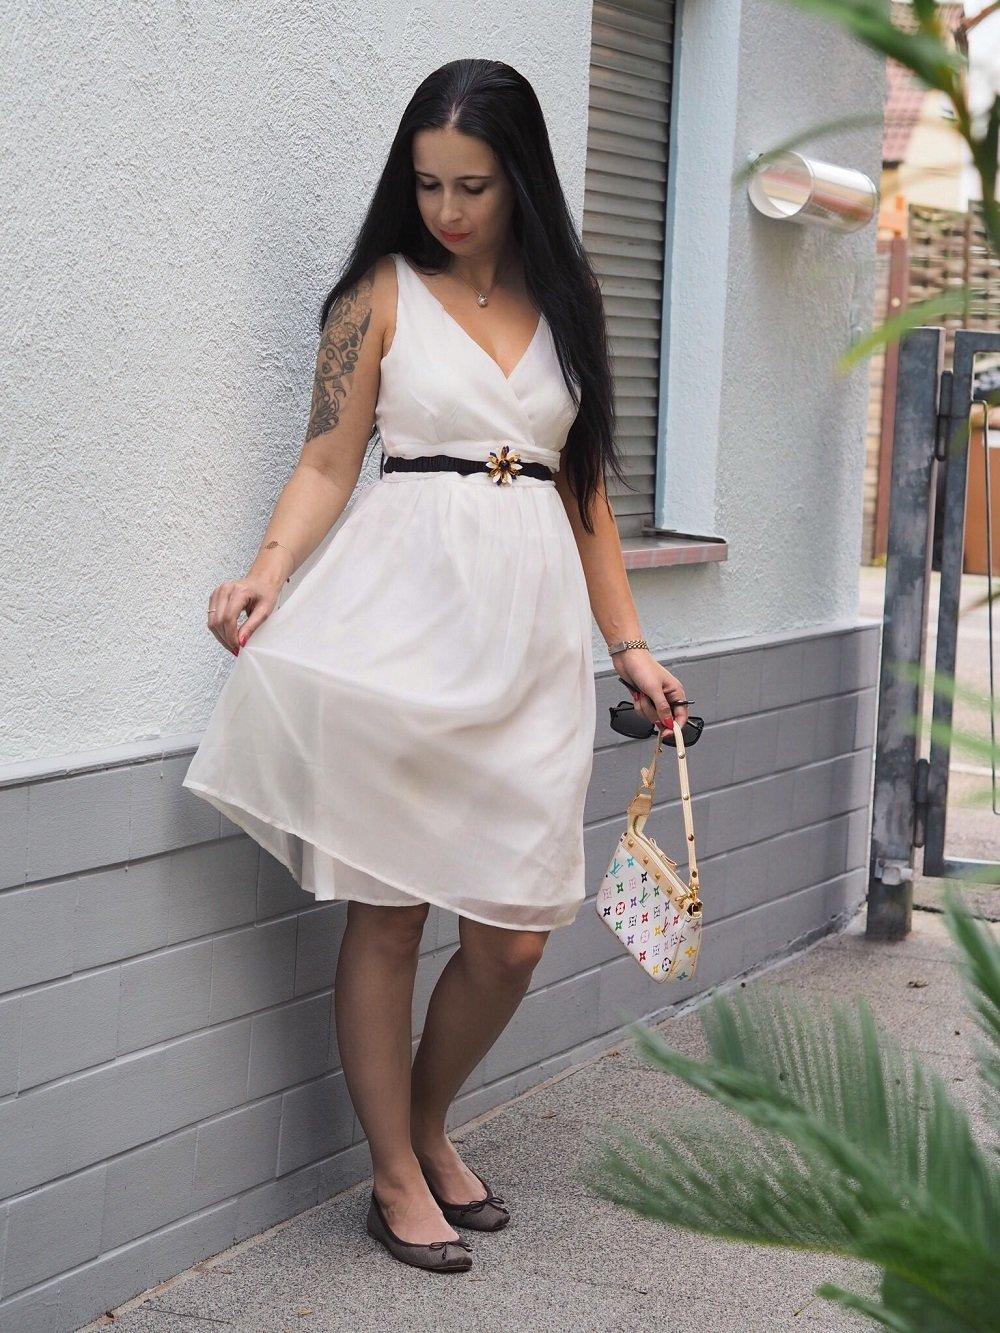 Heute zeige ich euch ein OOTD mit weißem Marilyn Monroe Kleid, Miu Miu Gürtel, Louis Vuitton Pochette und Christian Louboutin Ballerinas auf dem Blog